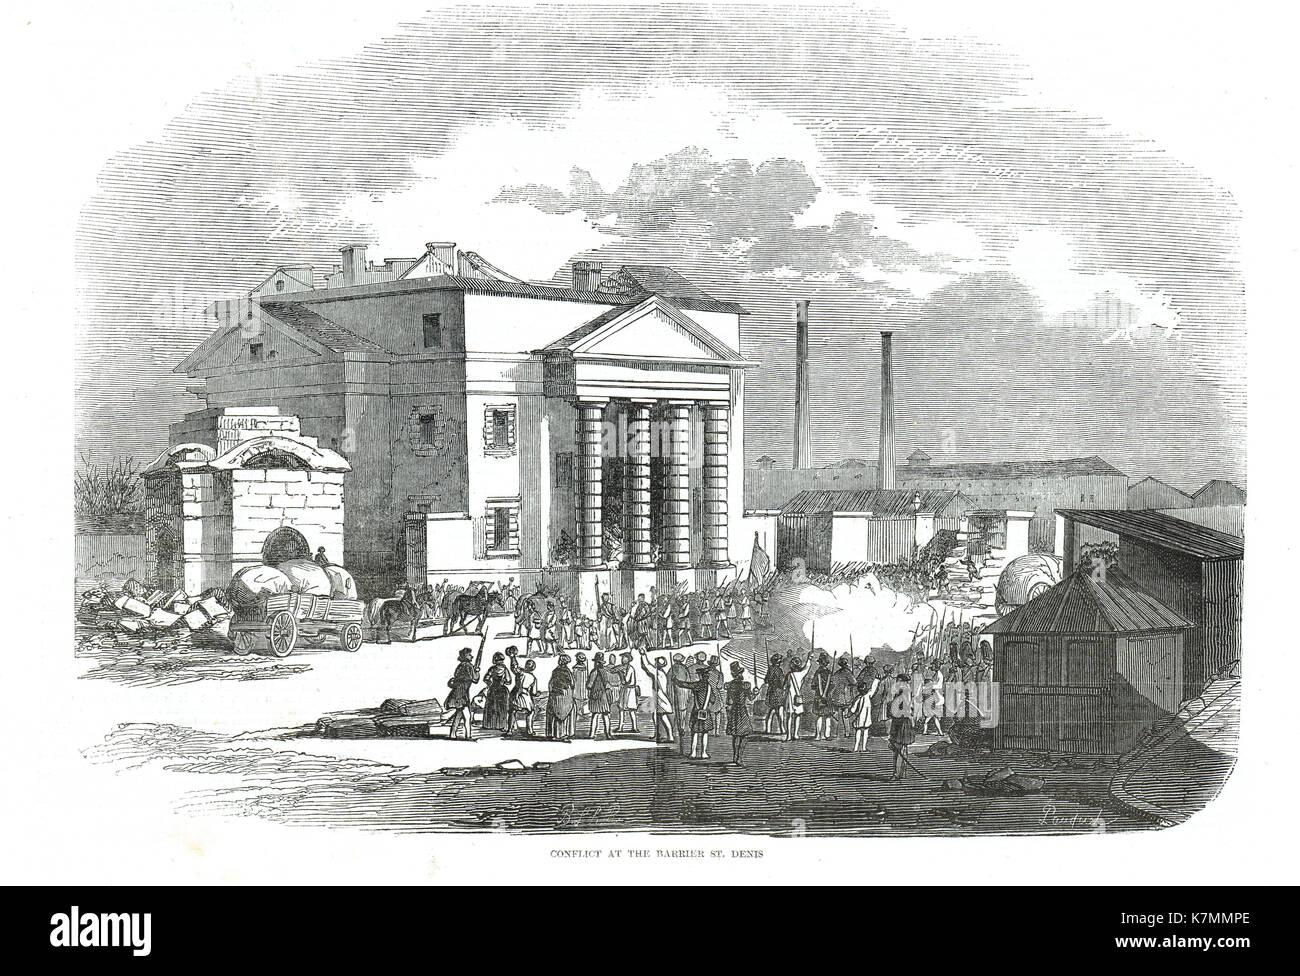 Konflikt an der Schranke St. Denis, Paris, Frankreich, die französische Revolution von 1848 Stockbild